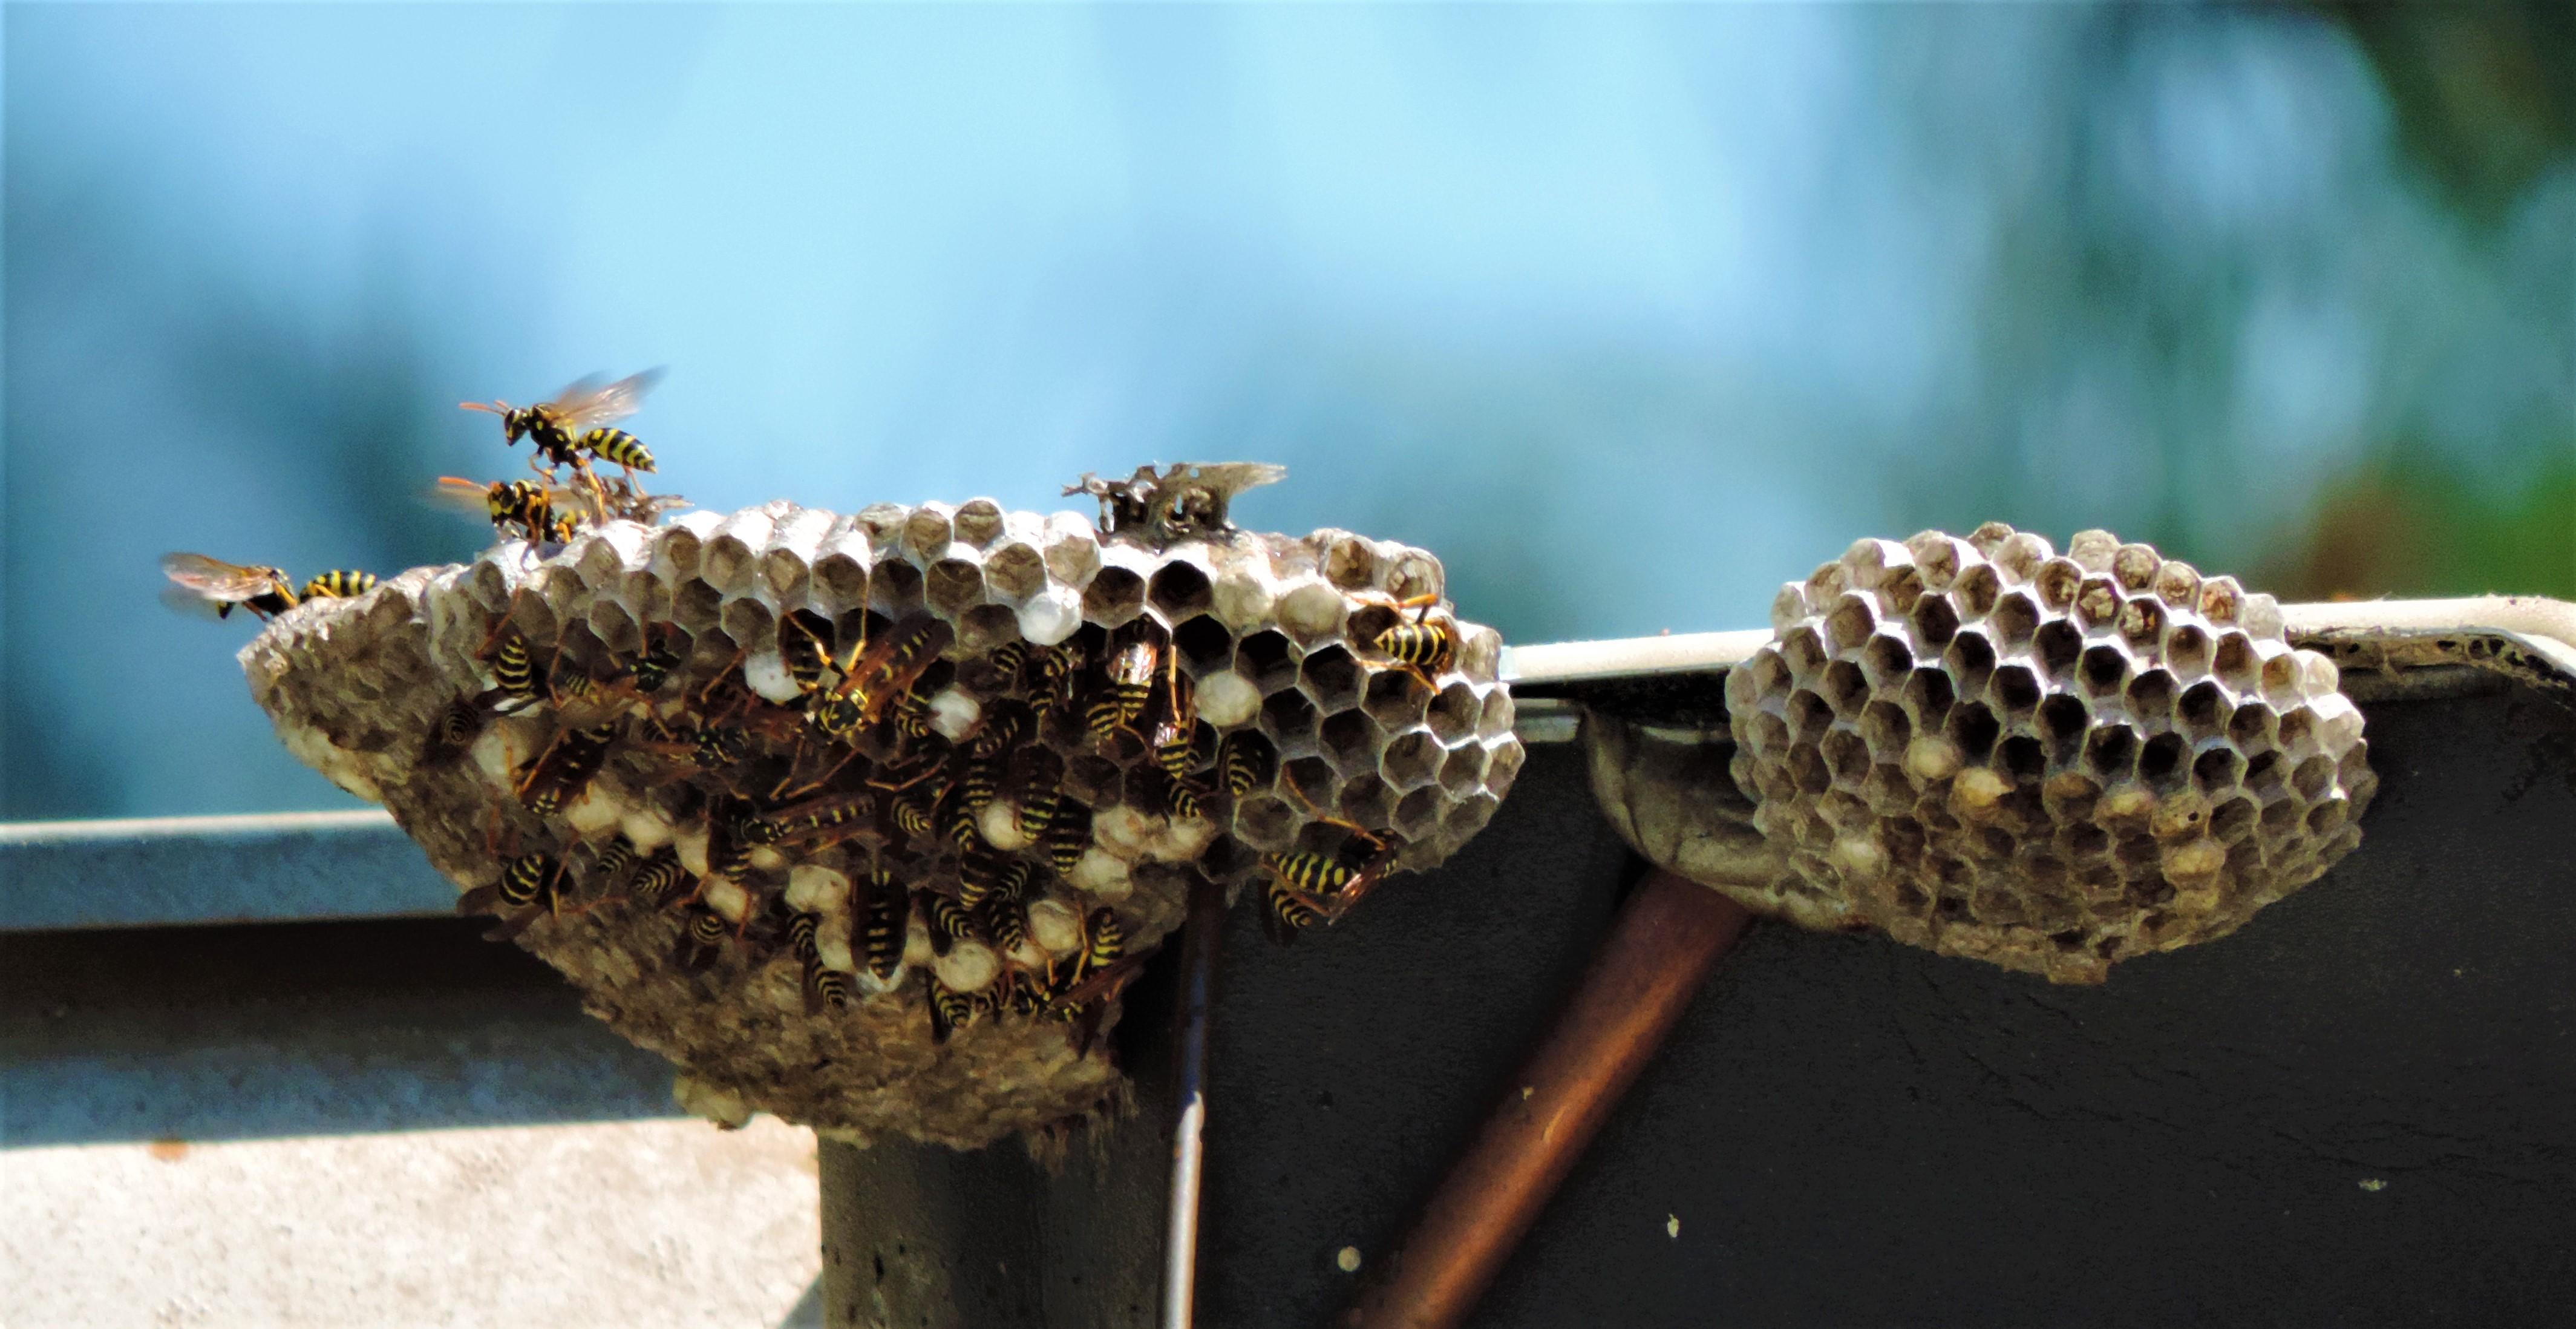 main hive